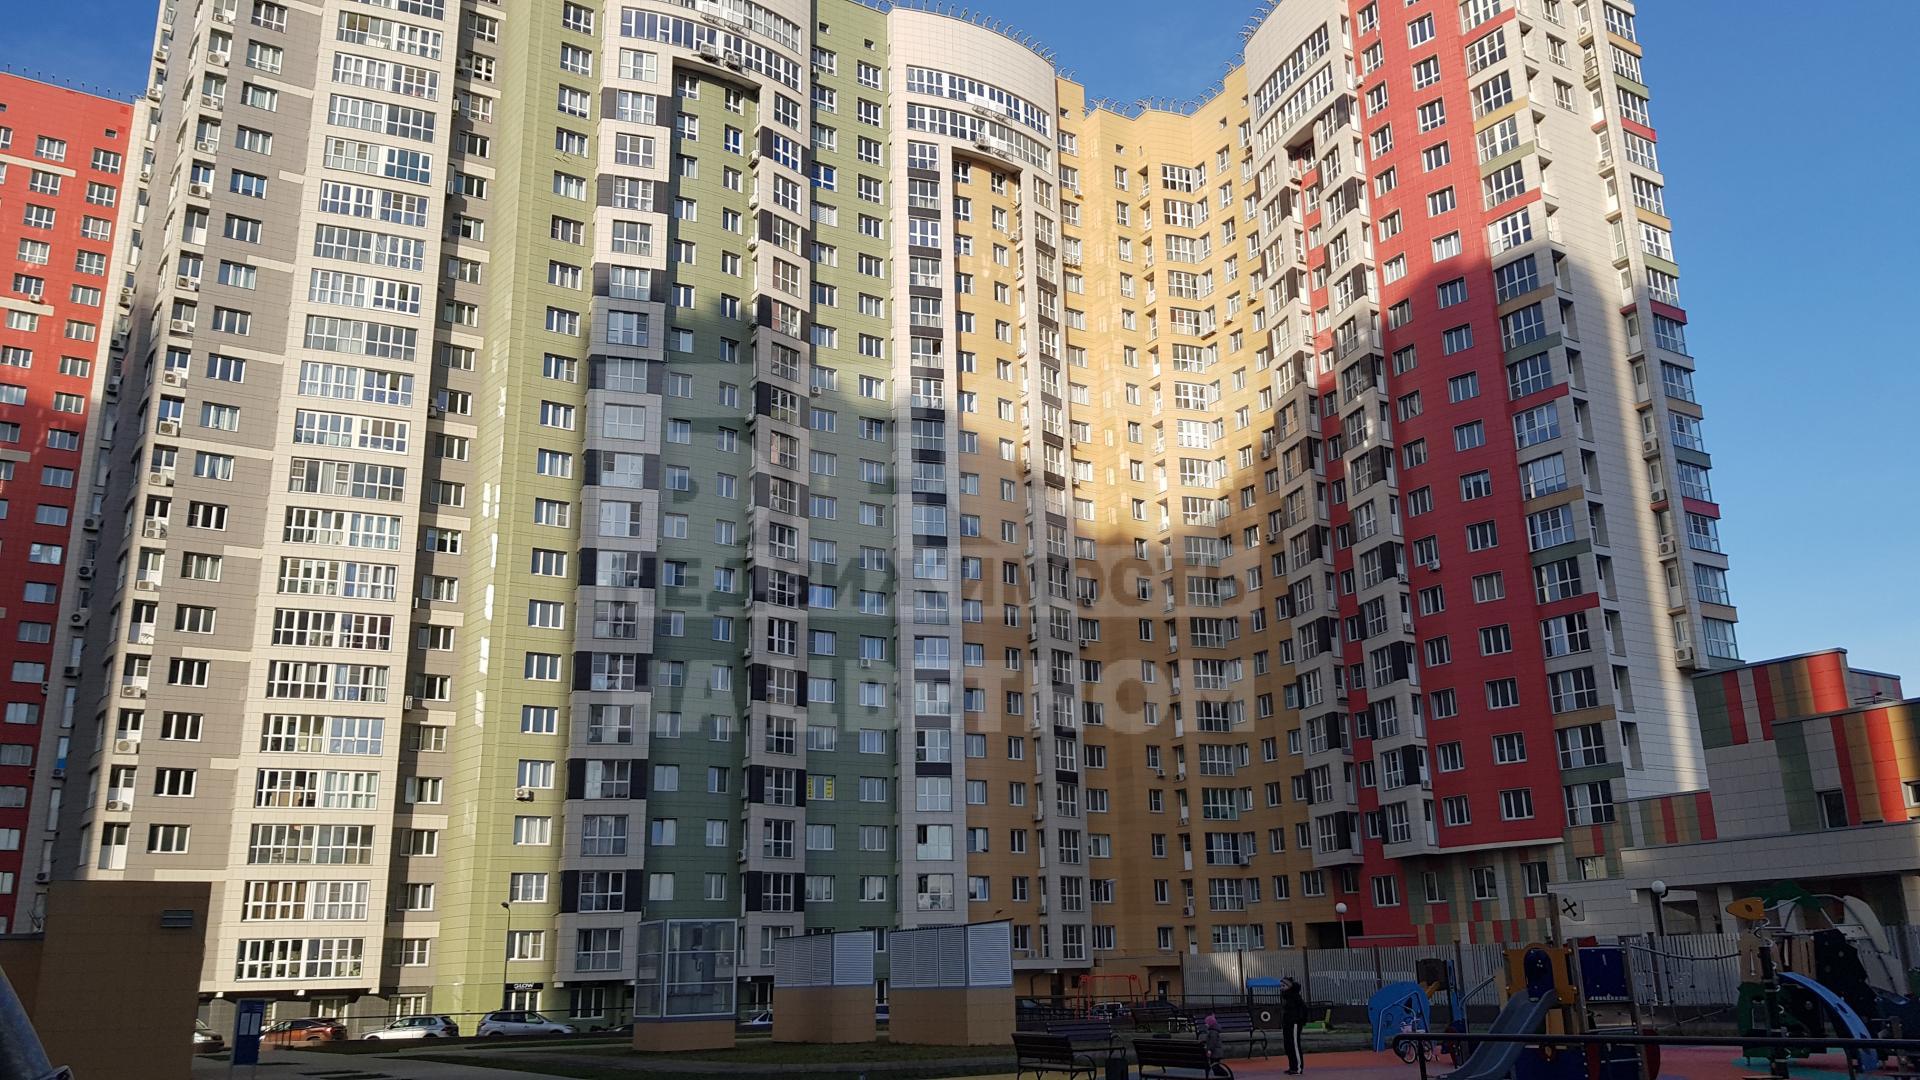 Продам 1-комн. квартиру по адресу Россия, Москва и Московская область, Москва, улица Лобачевского, 118к2 фото 11 по выгодной цене